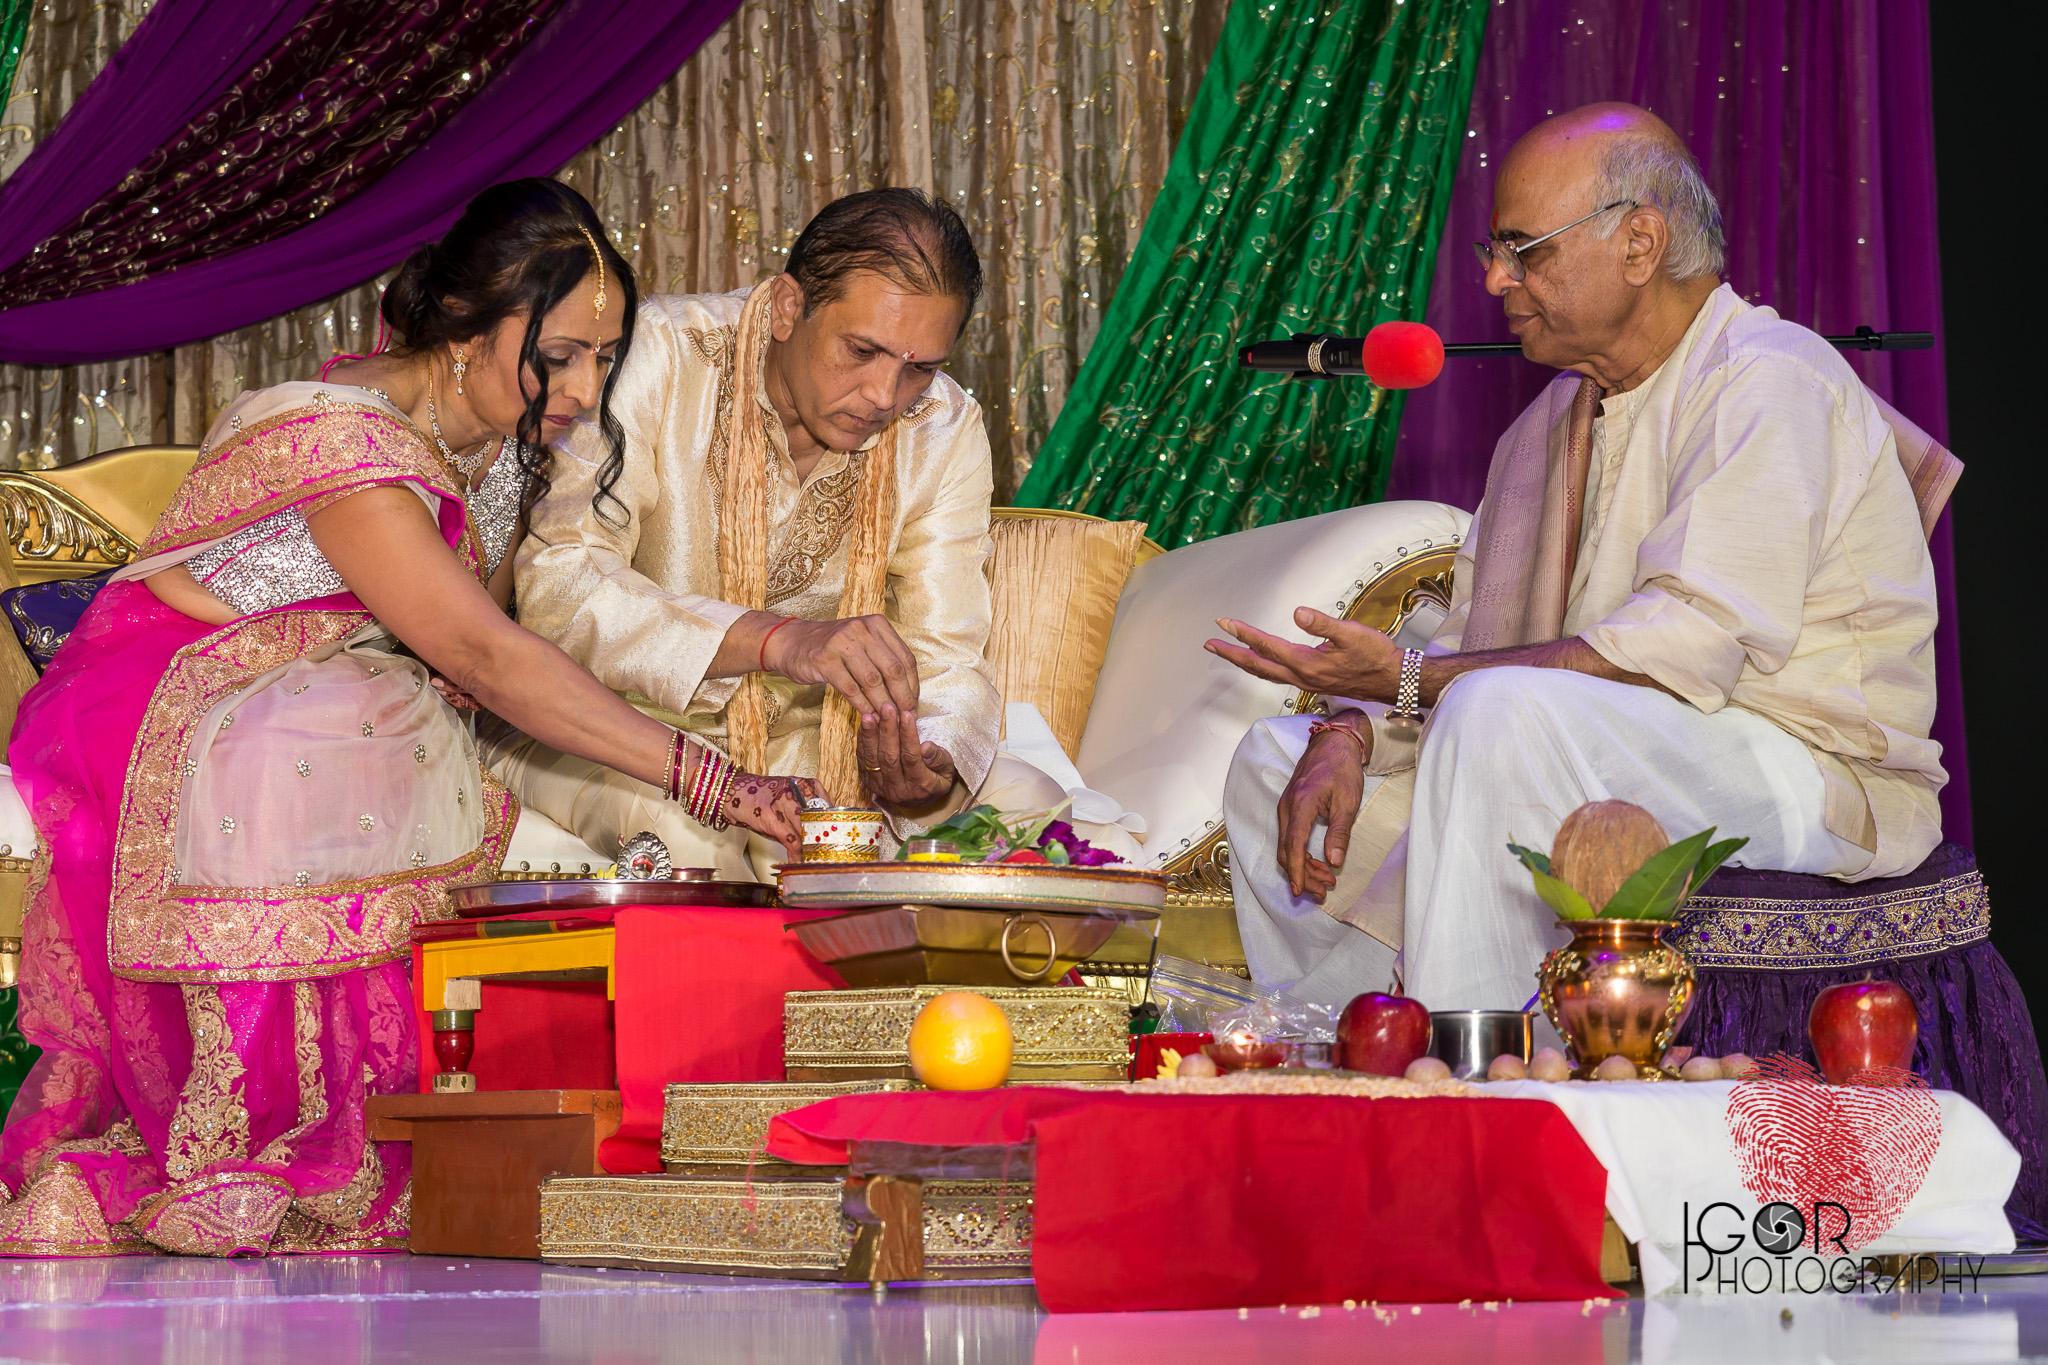 Dallas Indian wedding ritual